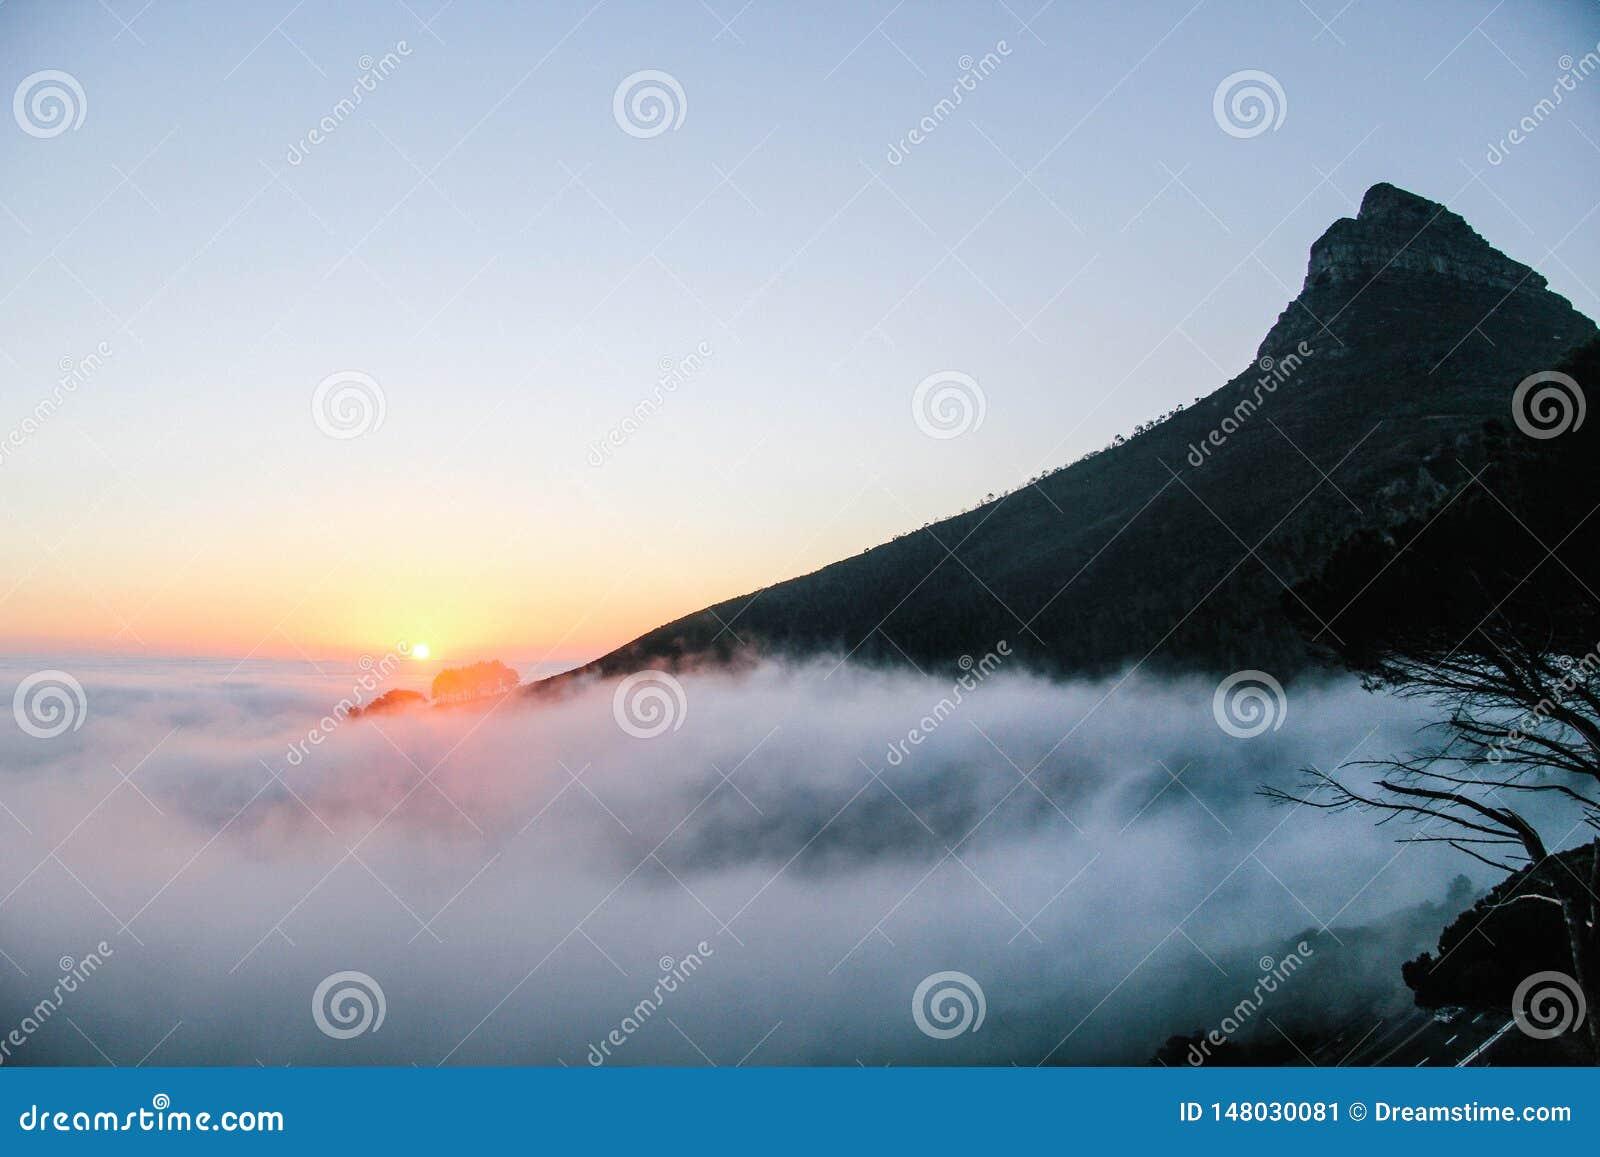 Mundo da fantasia do gelo do monte do nascer do sol